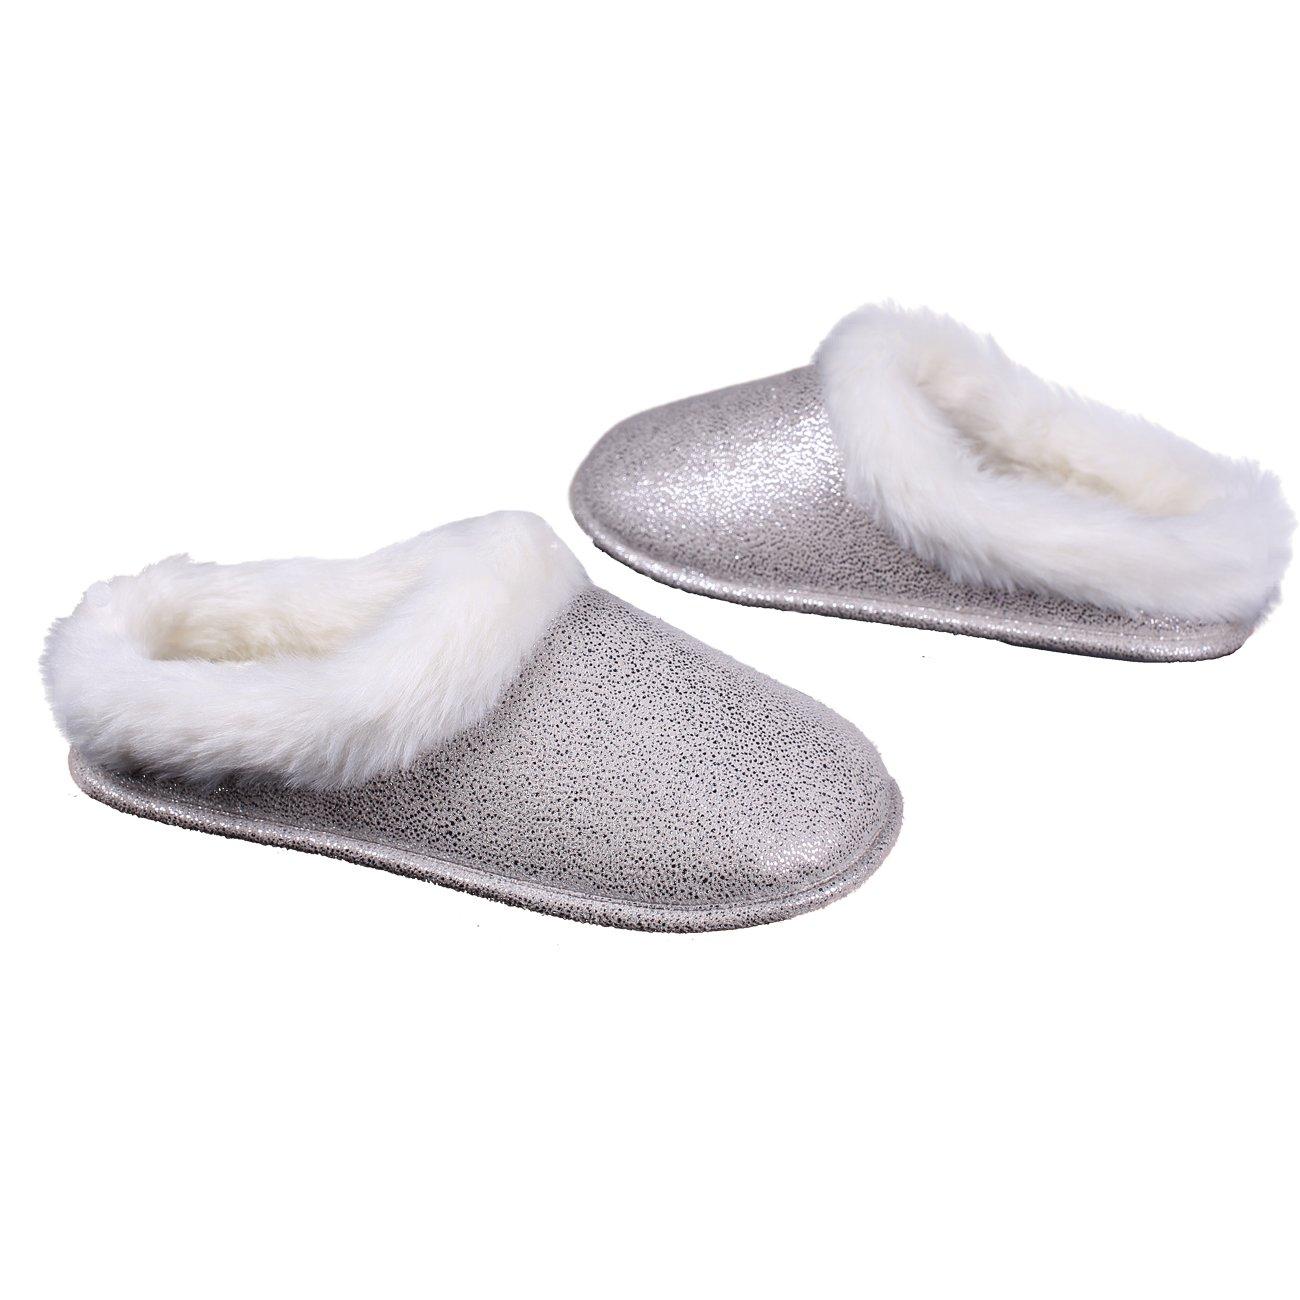 WOMEN 100/% MERINO SHEEP WOOL BOOT STYLE SLIPPERS,NON-SLIP SOLE,WHITE//GREY,UK 3-7